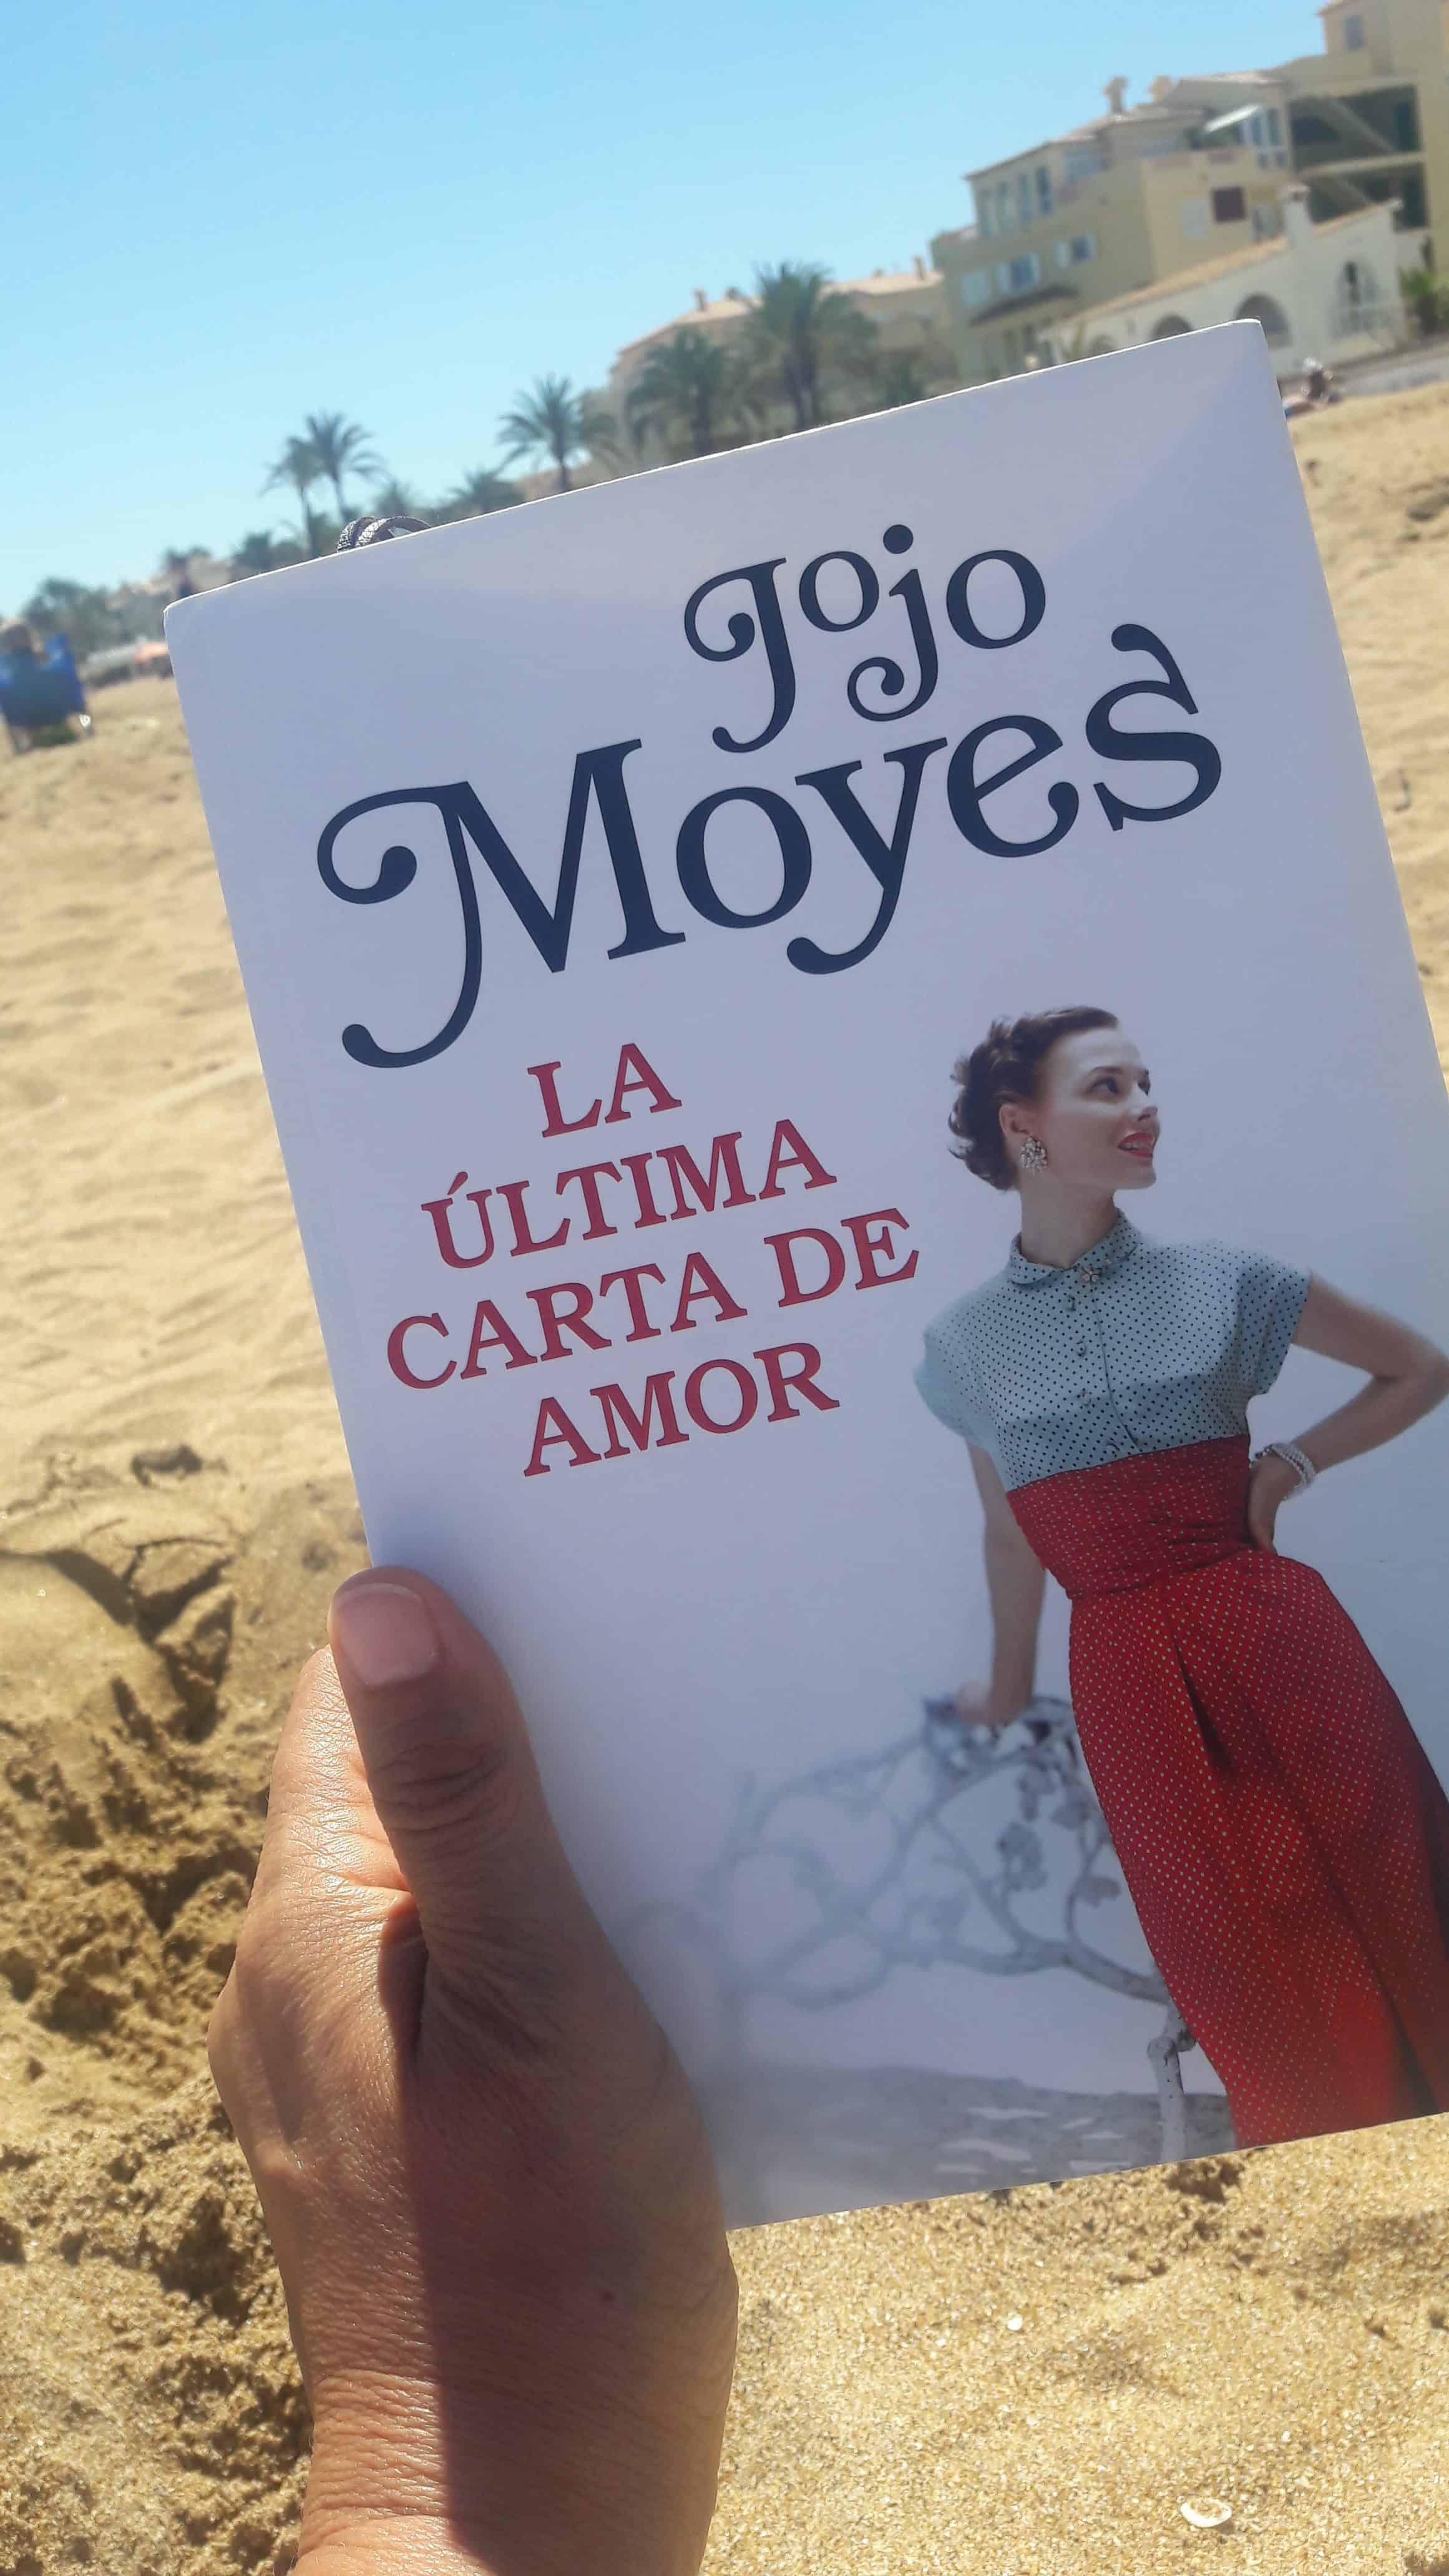 «LA ULTIMA CARTA DE AMOR», de Jojo Moyes